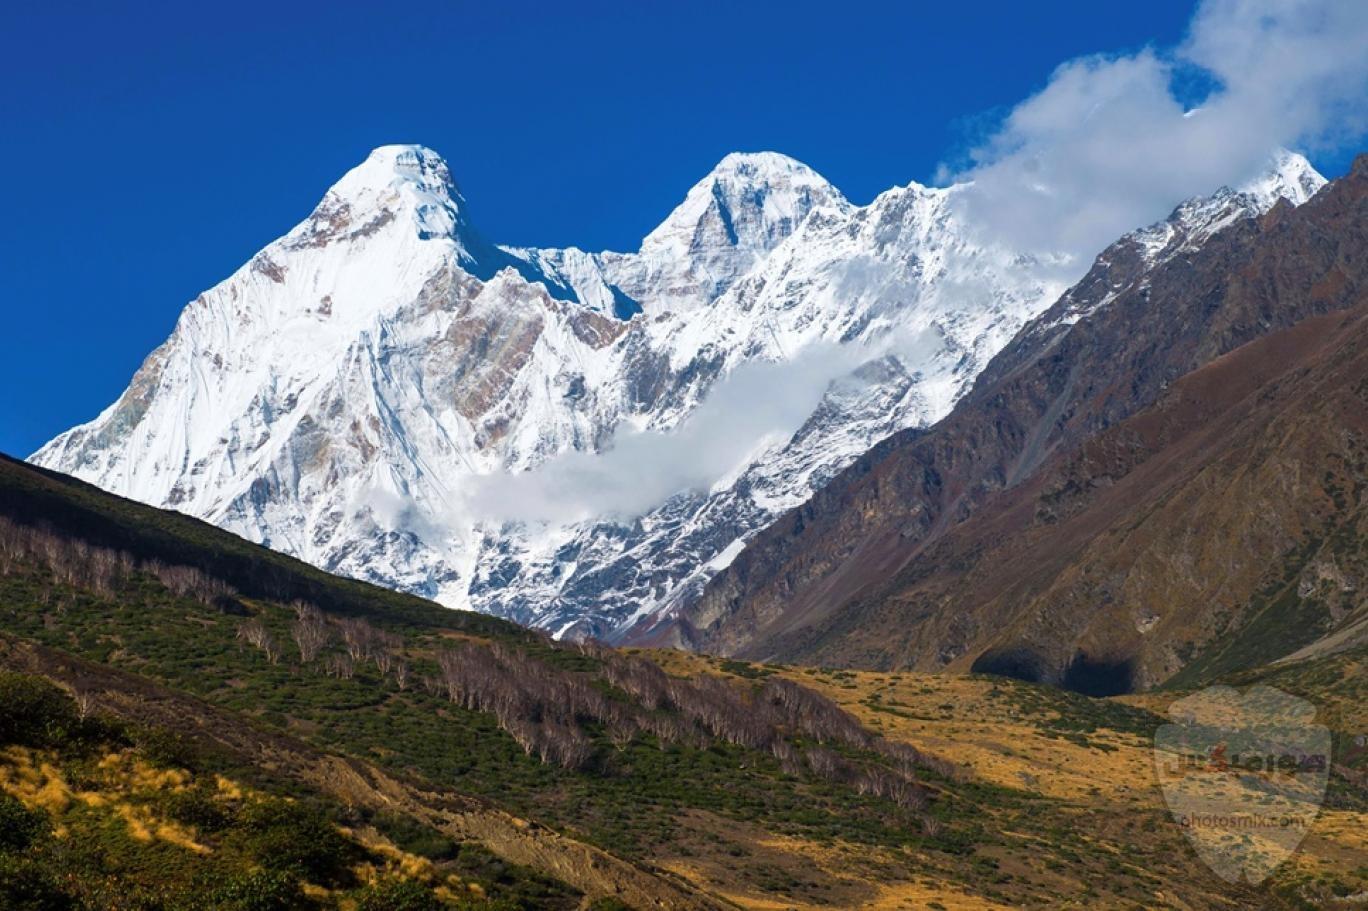 خلفيات جبال وشلالات 2020 مناظر طبيعية بالصور 5